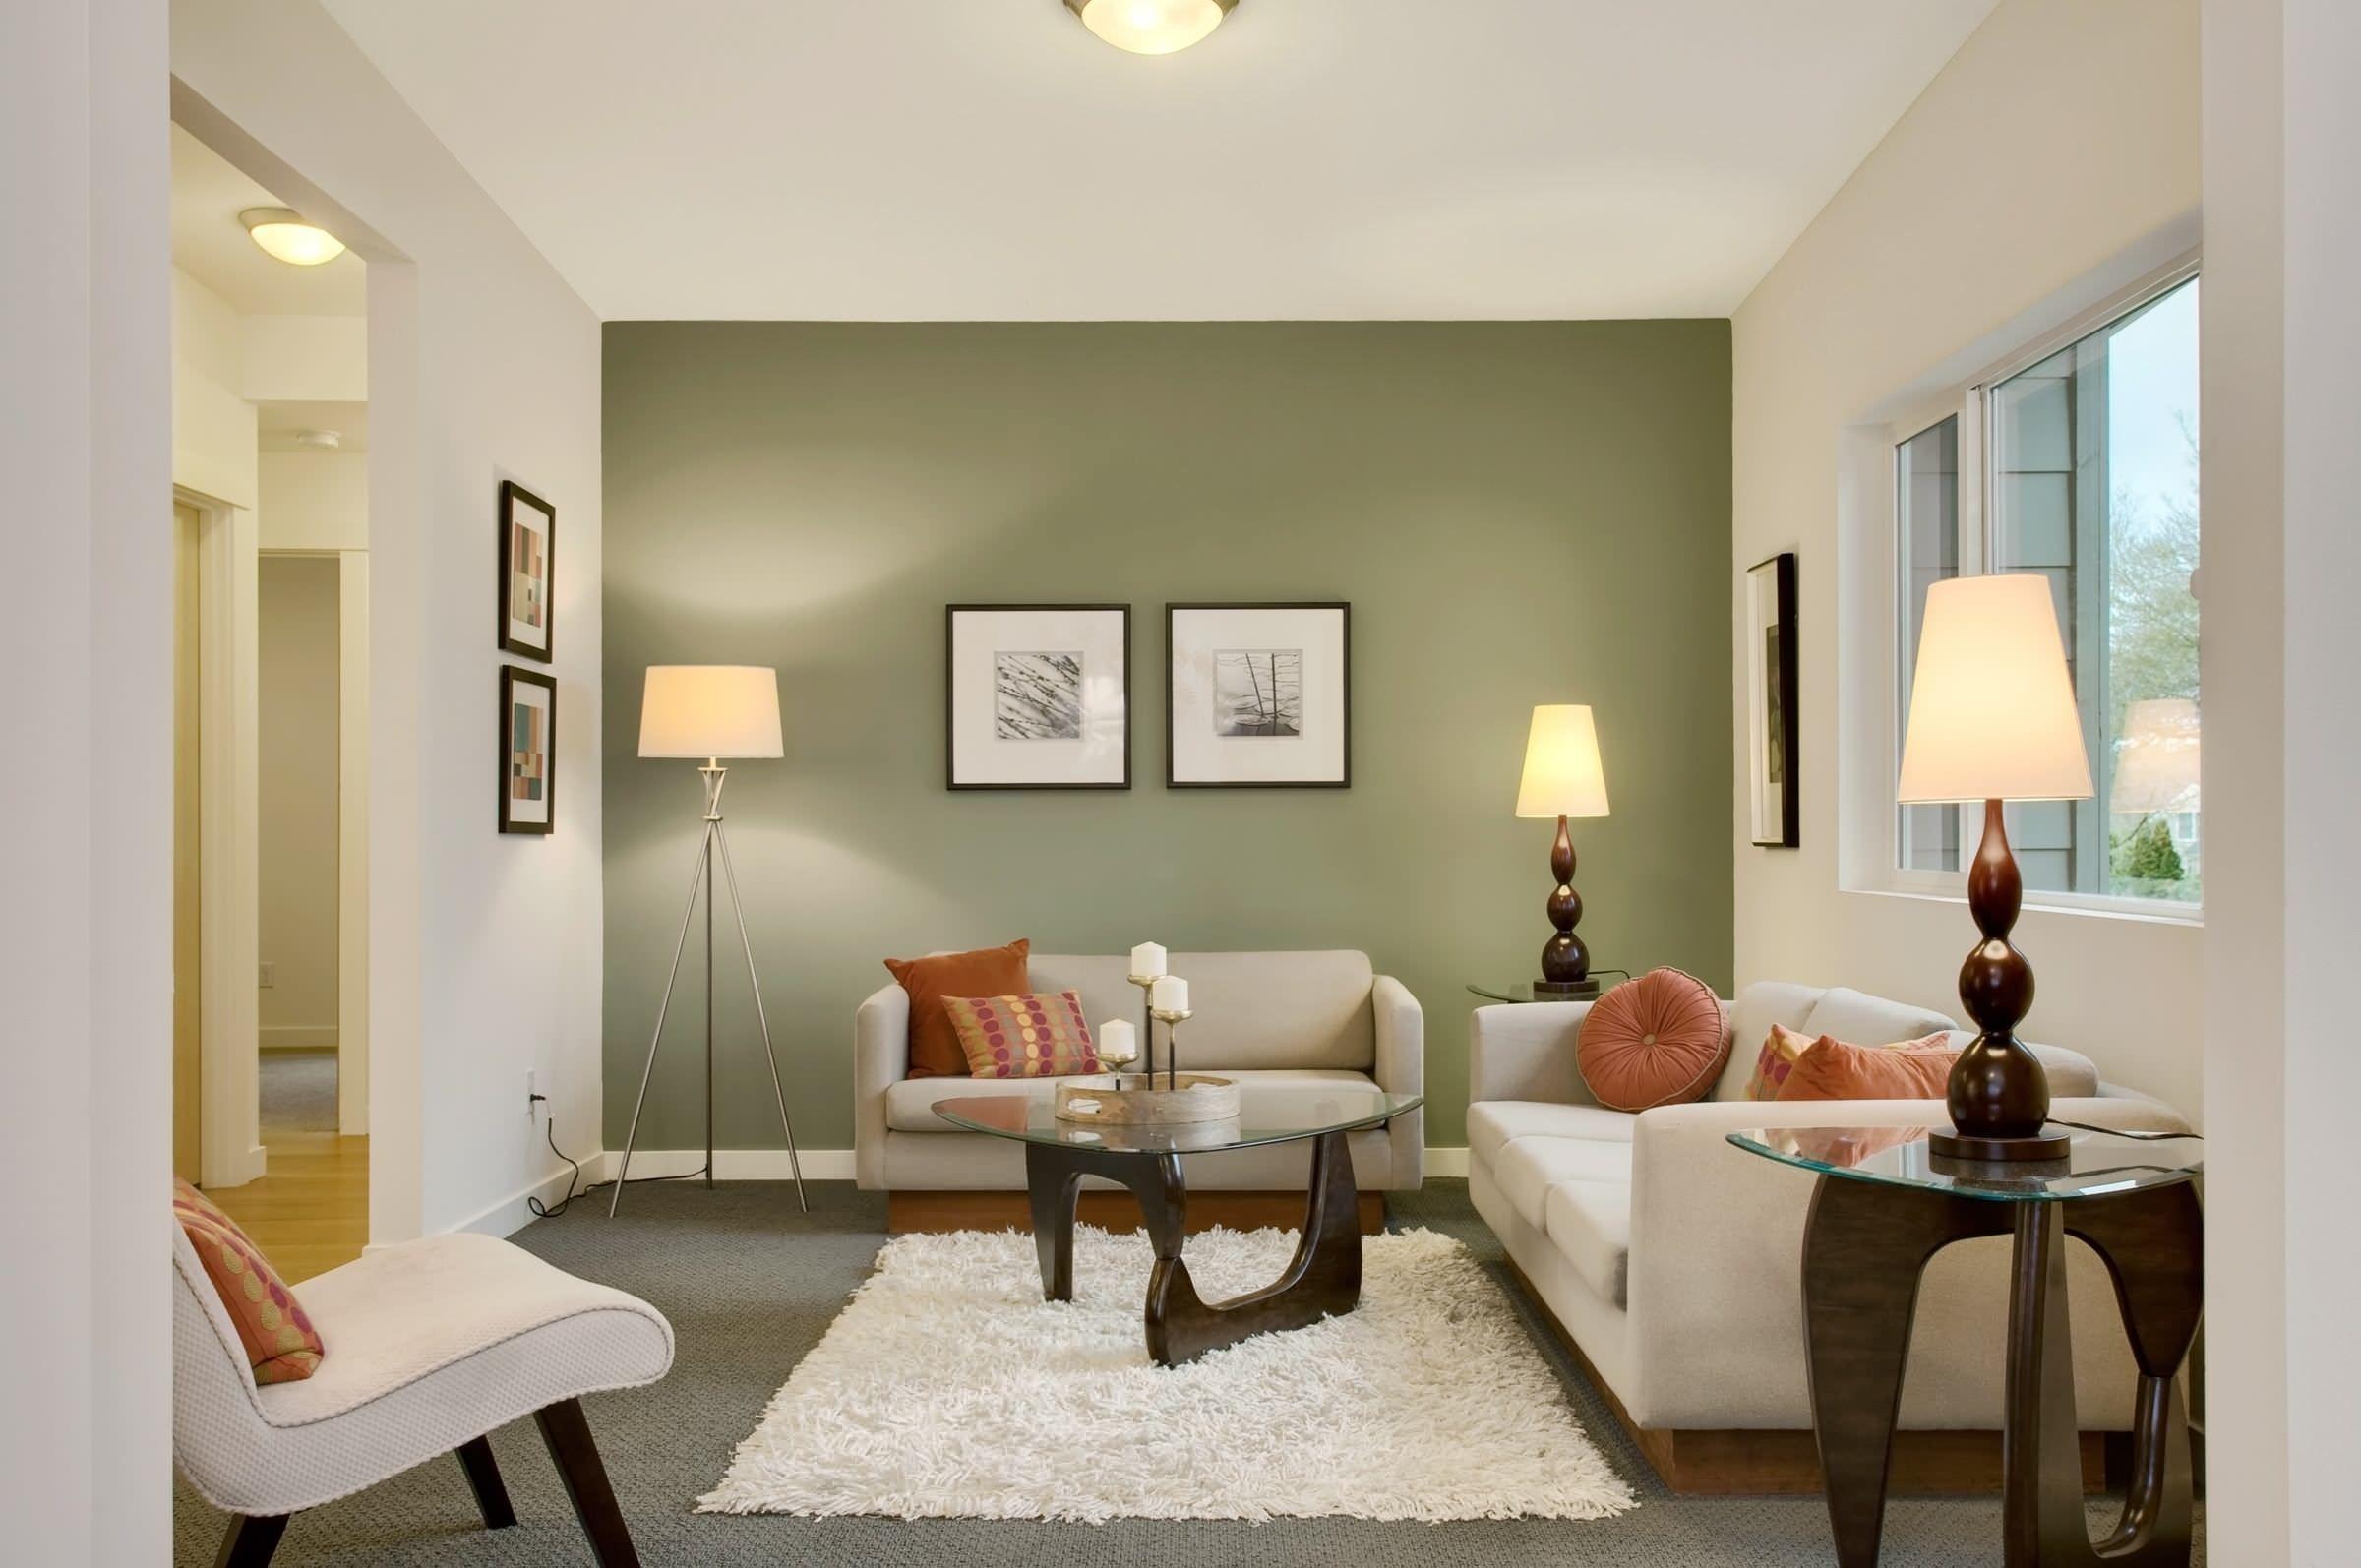 Sắp xếp vị trí nội thất khoa học cho phòng khách nhỏ